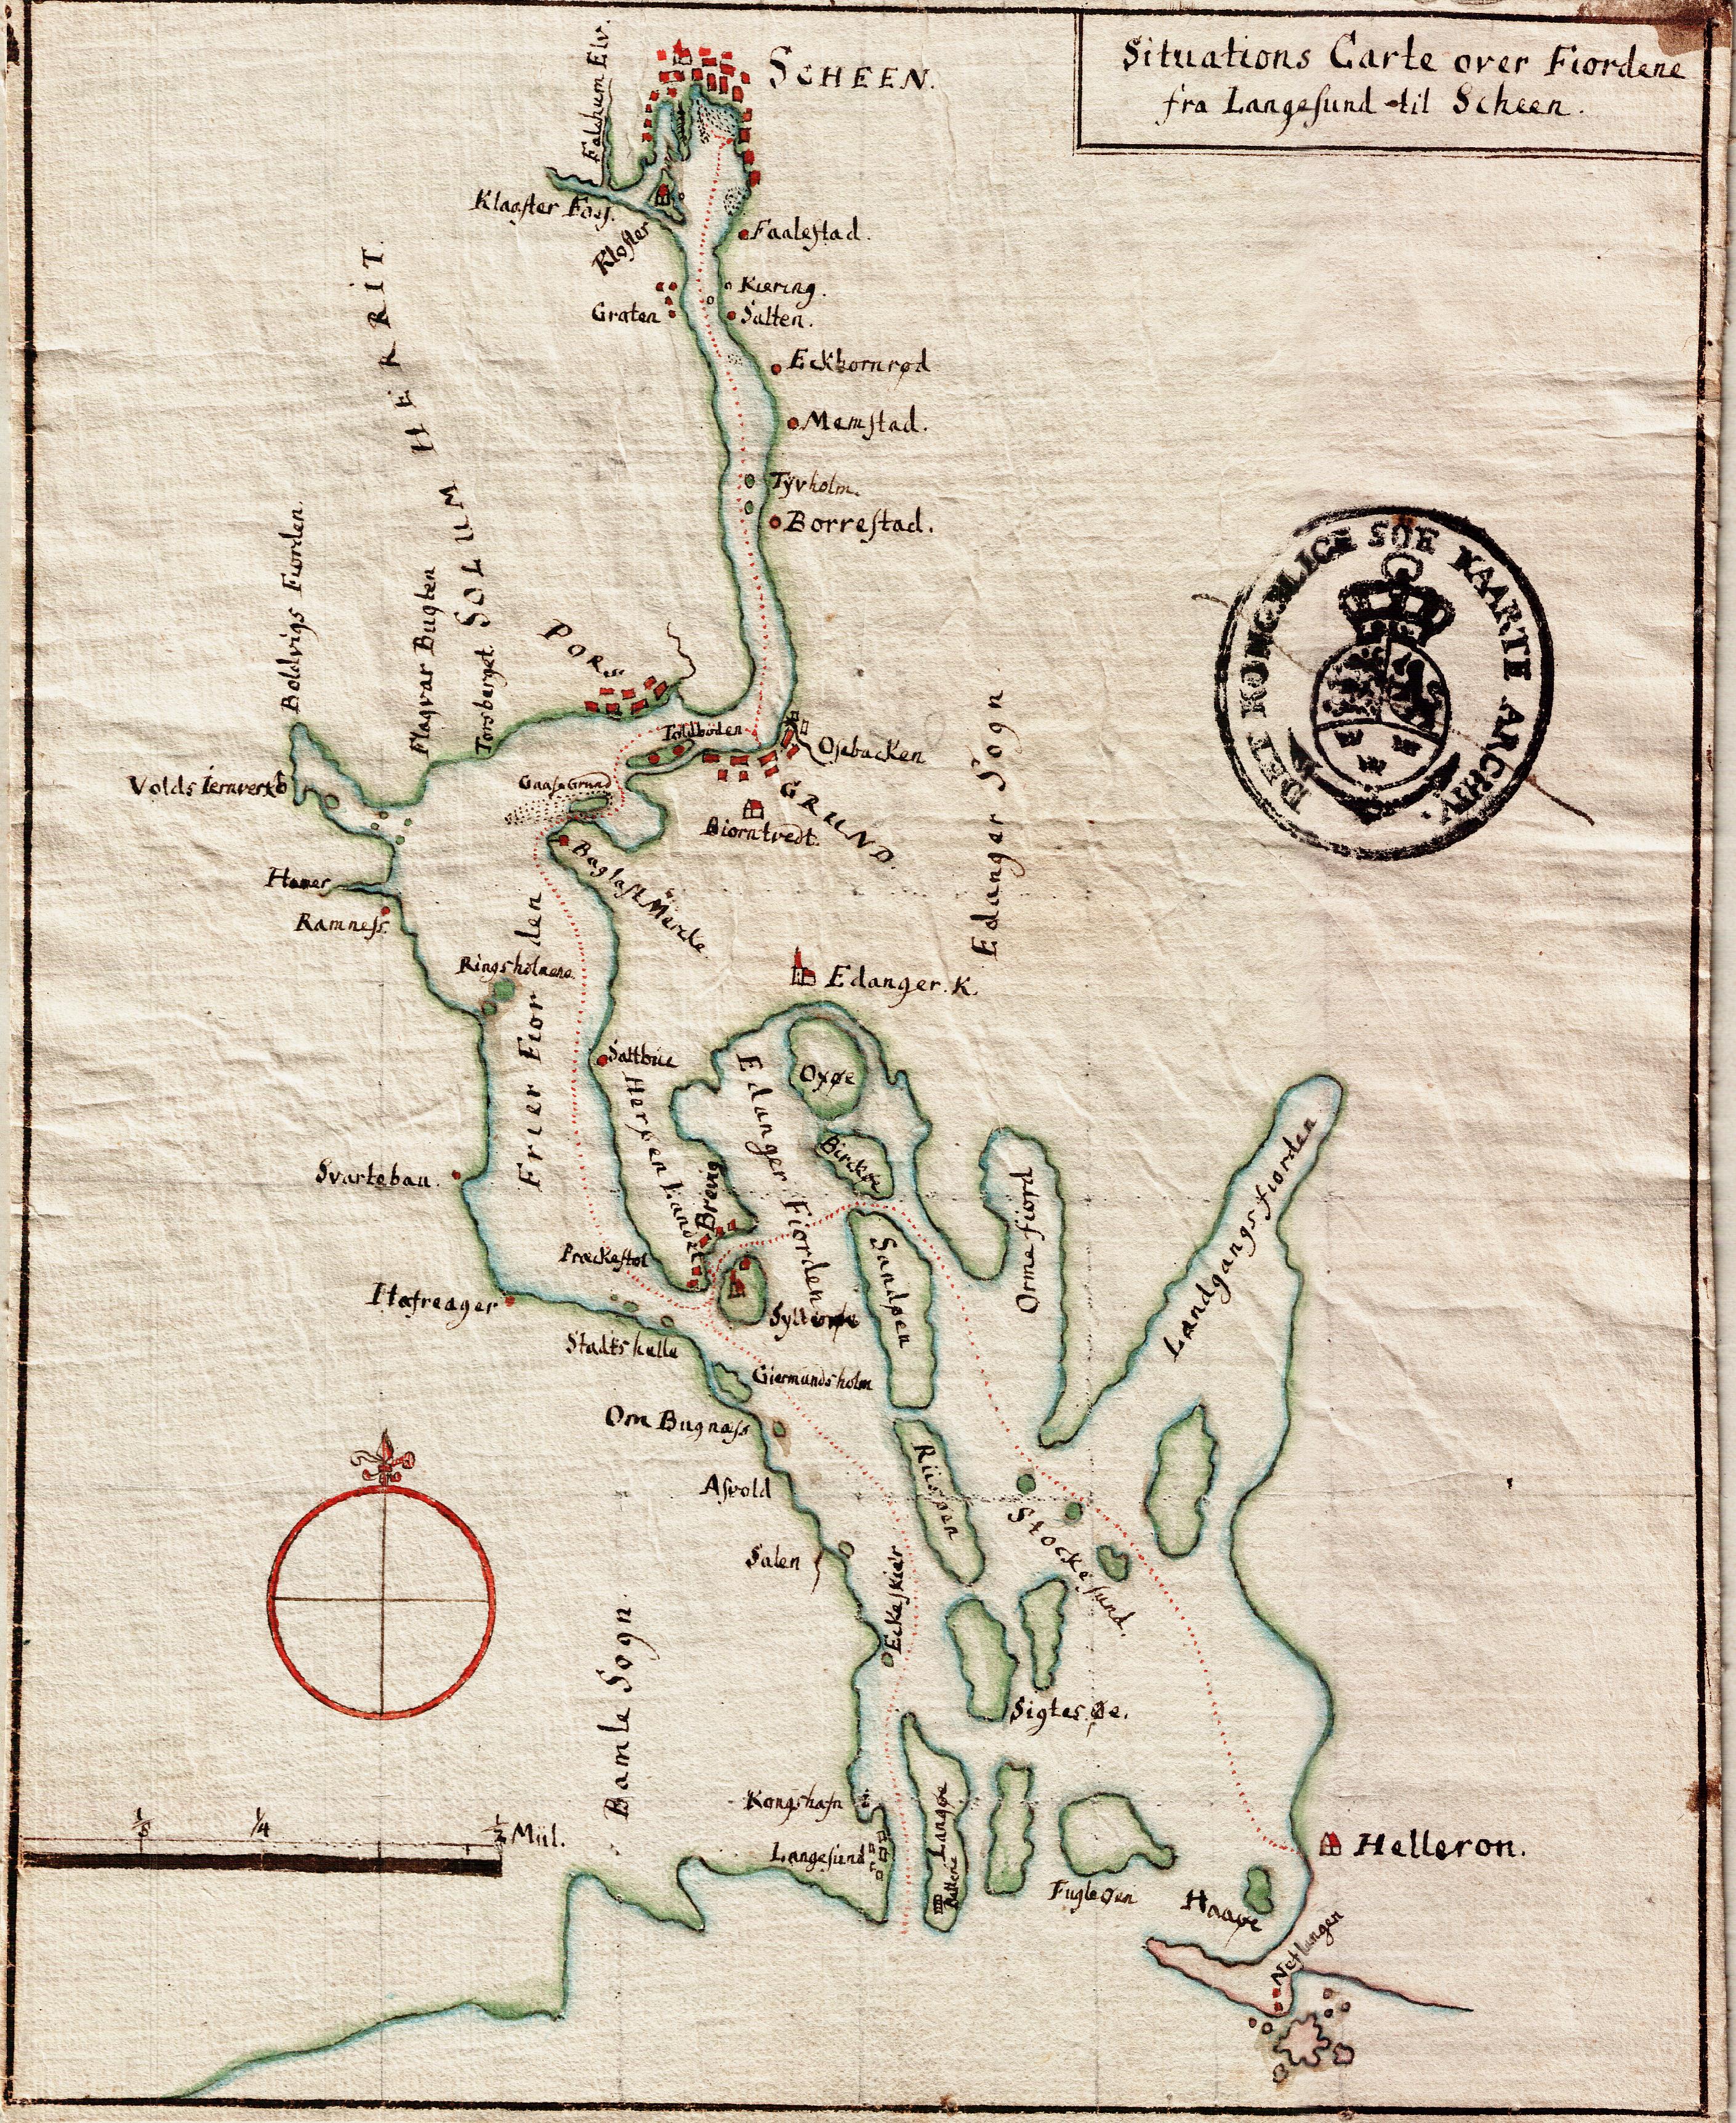 langesund kart File:Kart over Fjordene mellom Skien og Langesund ukjent årstall  langesund kart